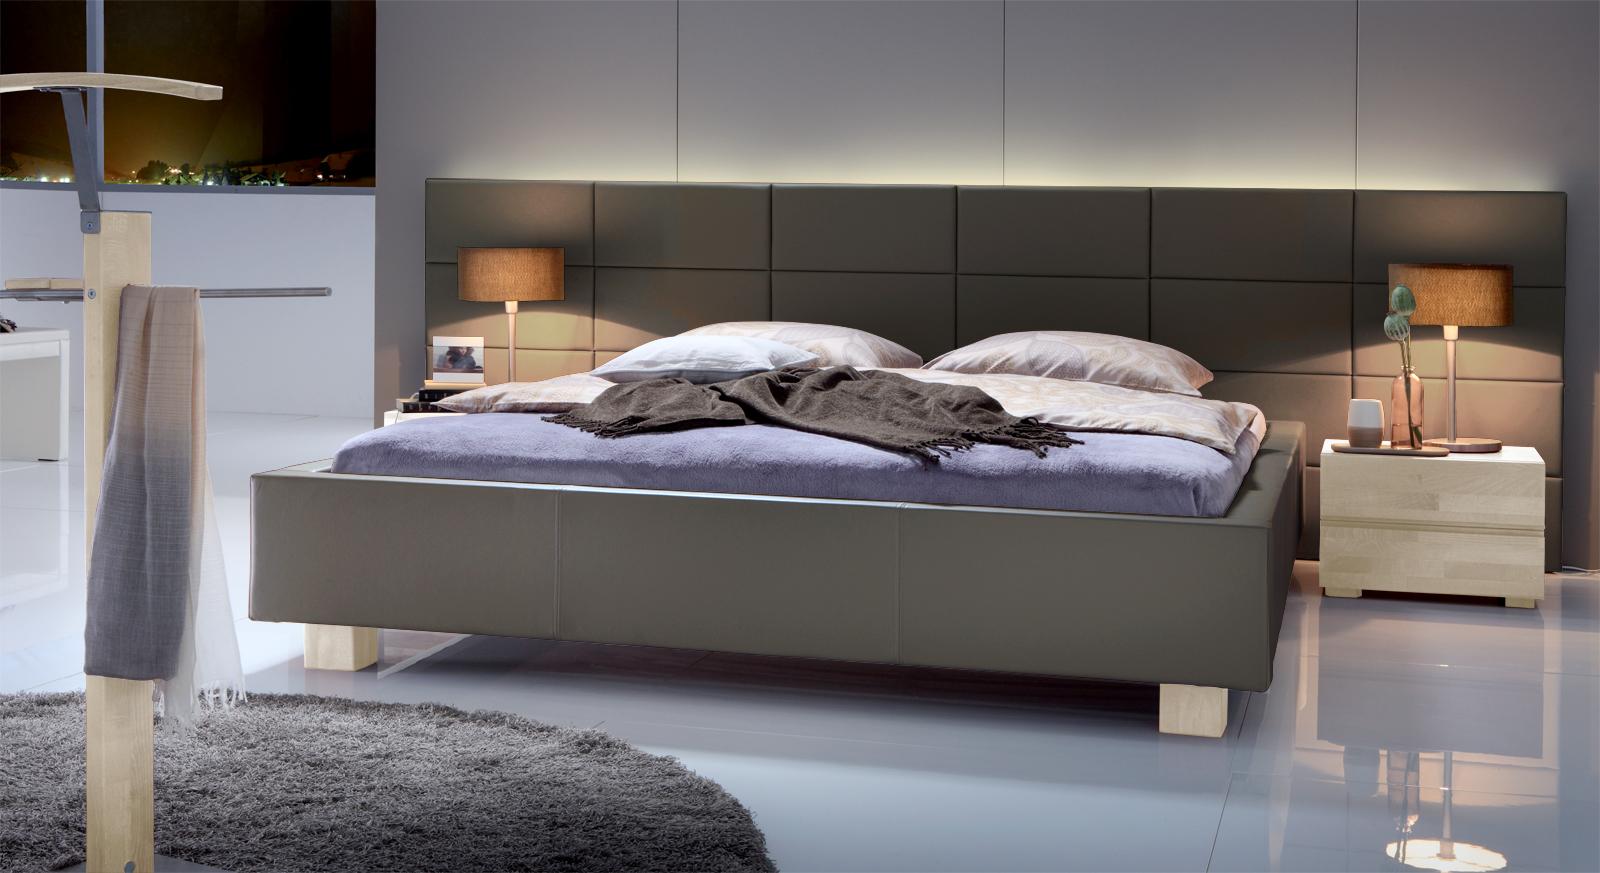 polsterbett mit wandpaneel z b 140x200 cm mill creek. Black Bedroom Furniture Sets. Home Design Ideas